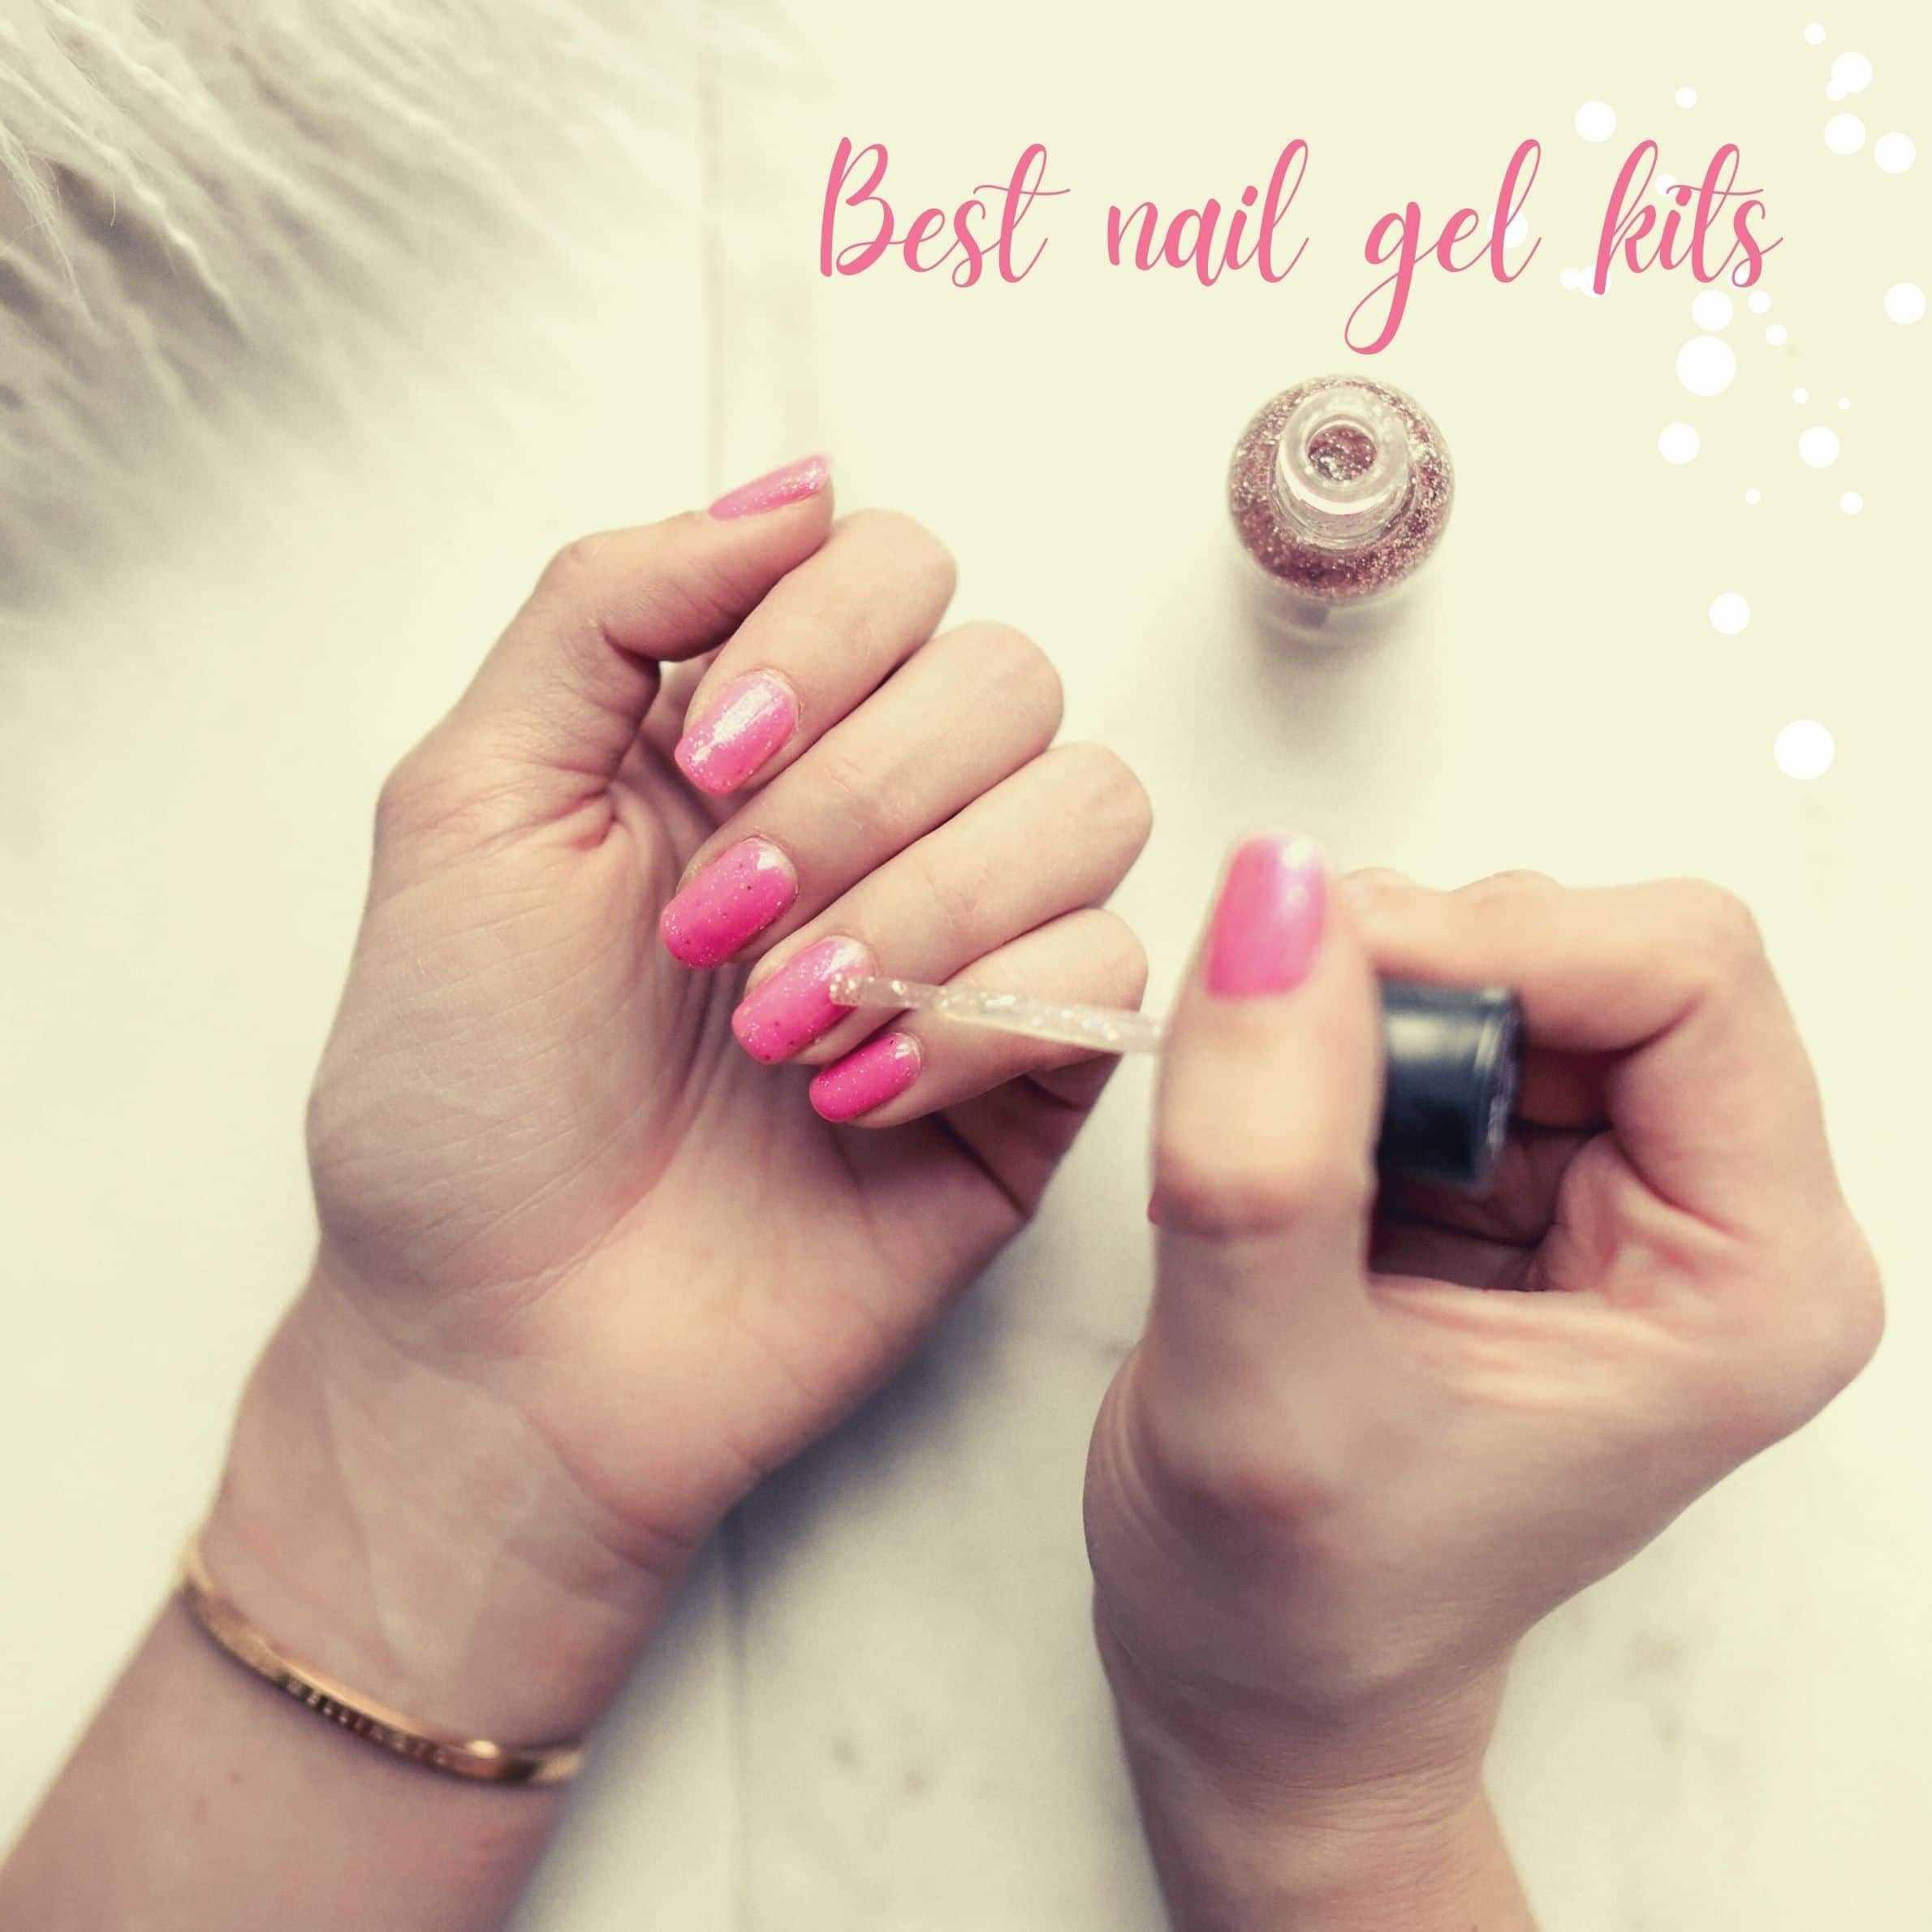 Best at home Gel Nail Kit Reviews